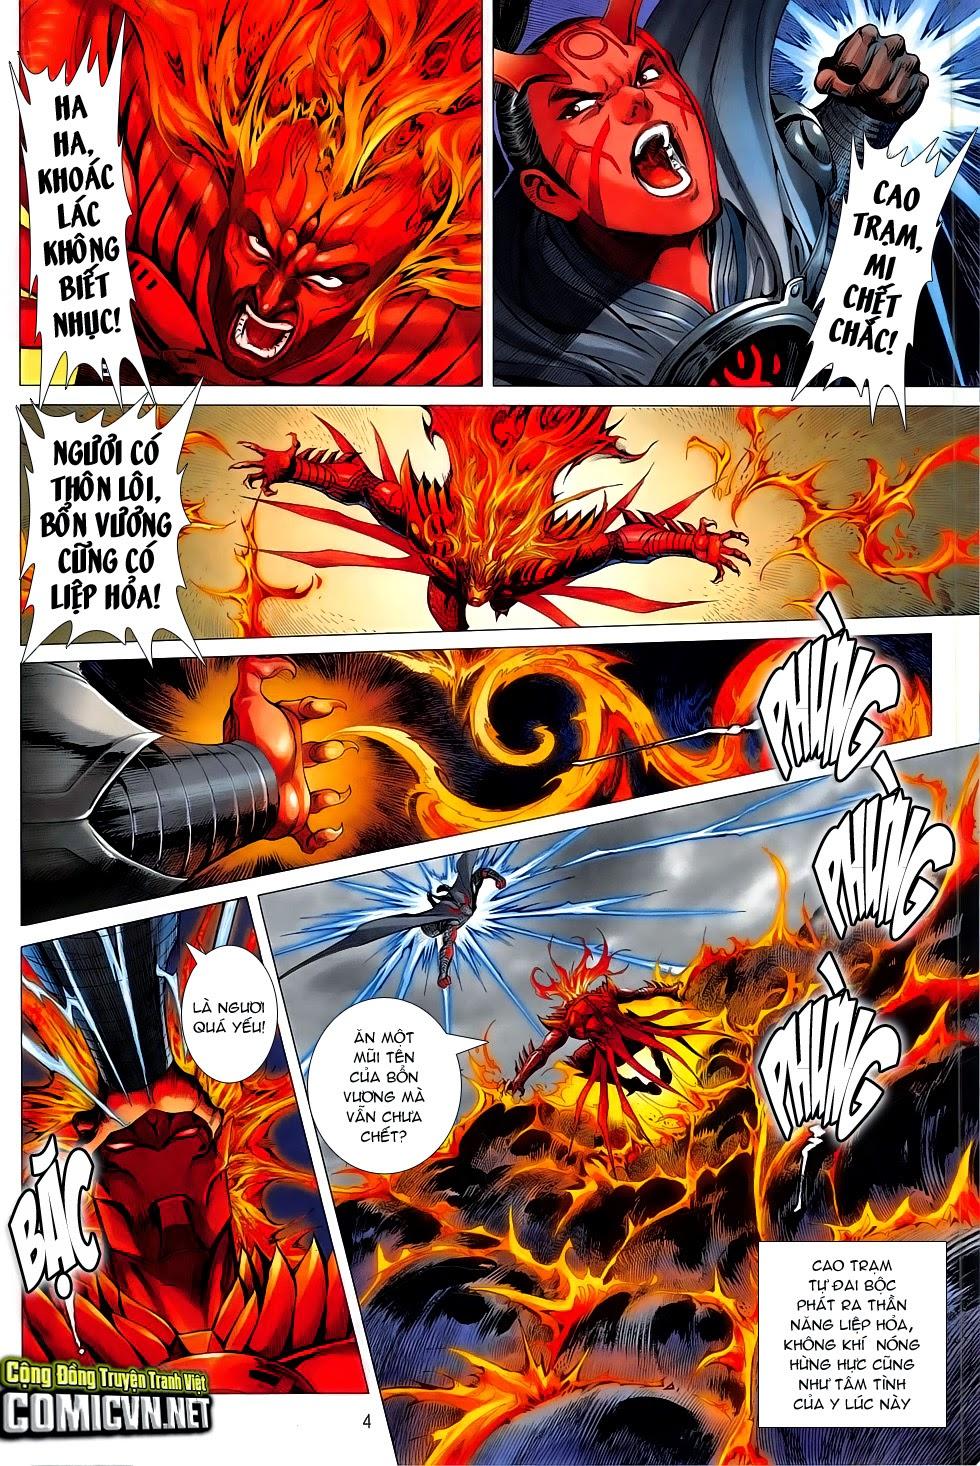 Chiến Phổ chapter 5: lôi hỏa kinh thiên chiến trang 4